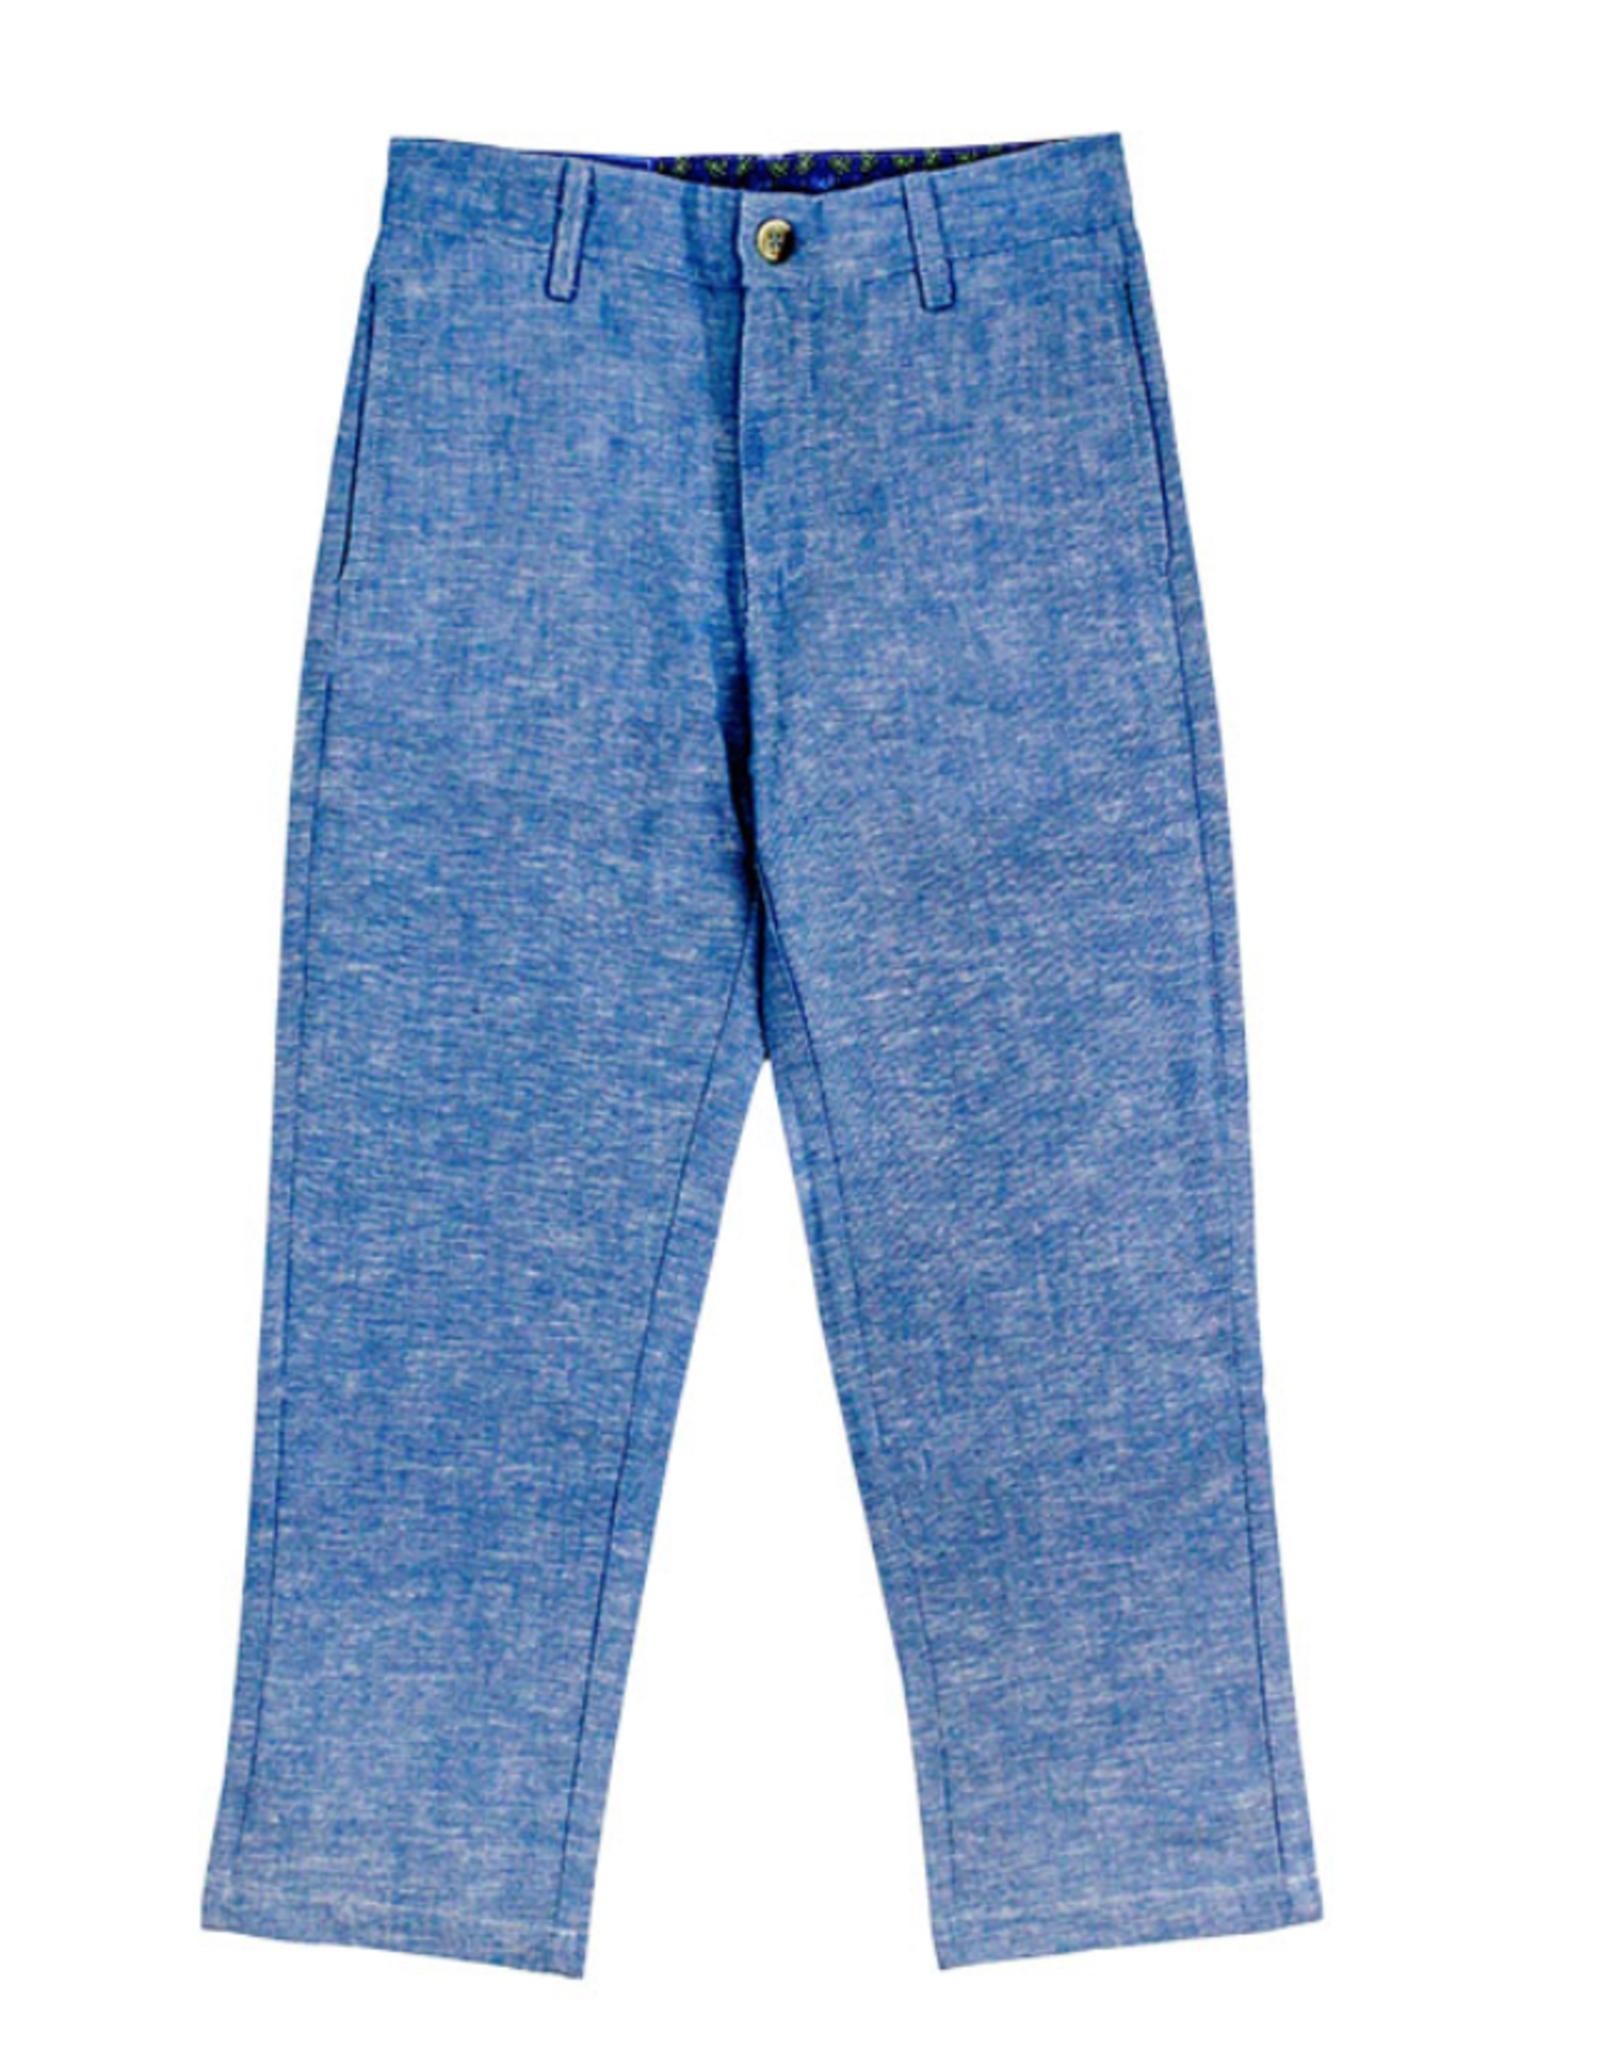 The Bailey Boys Sky Linen Pants